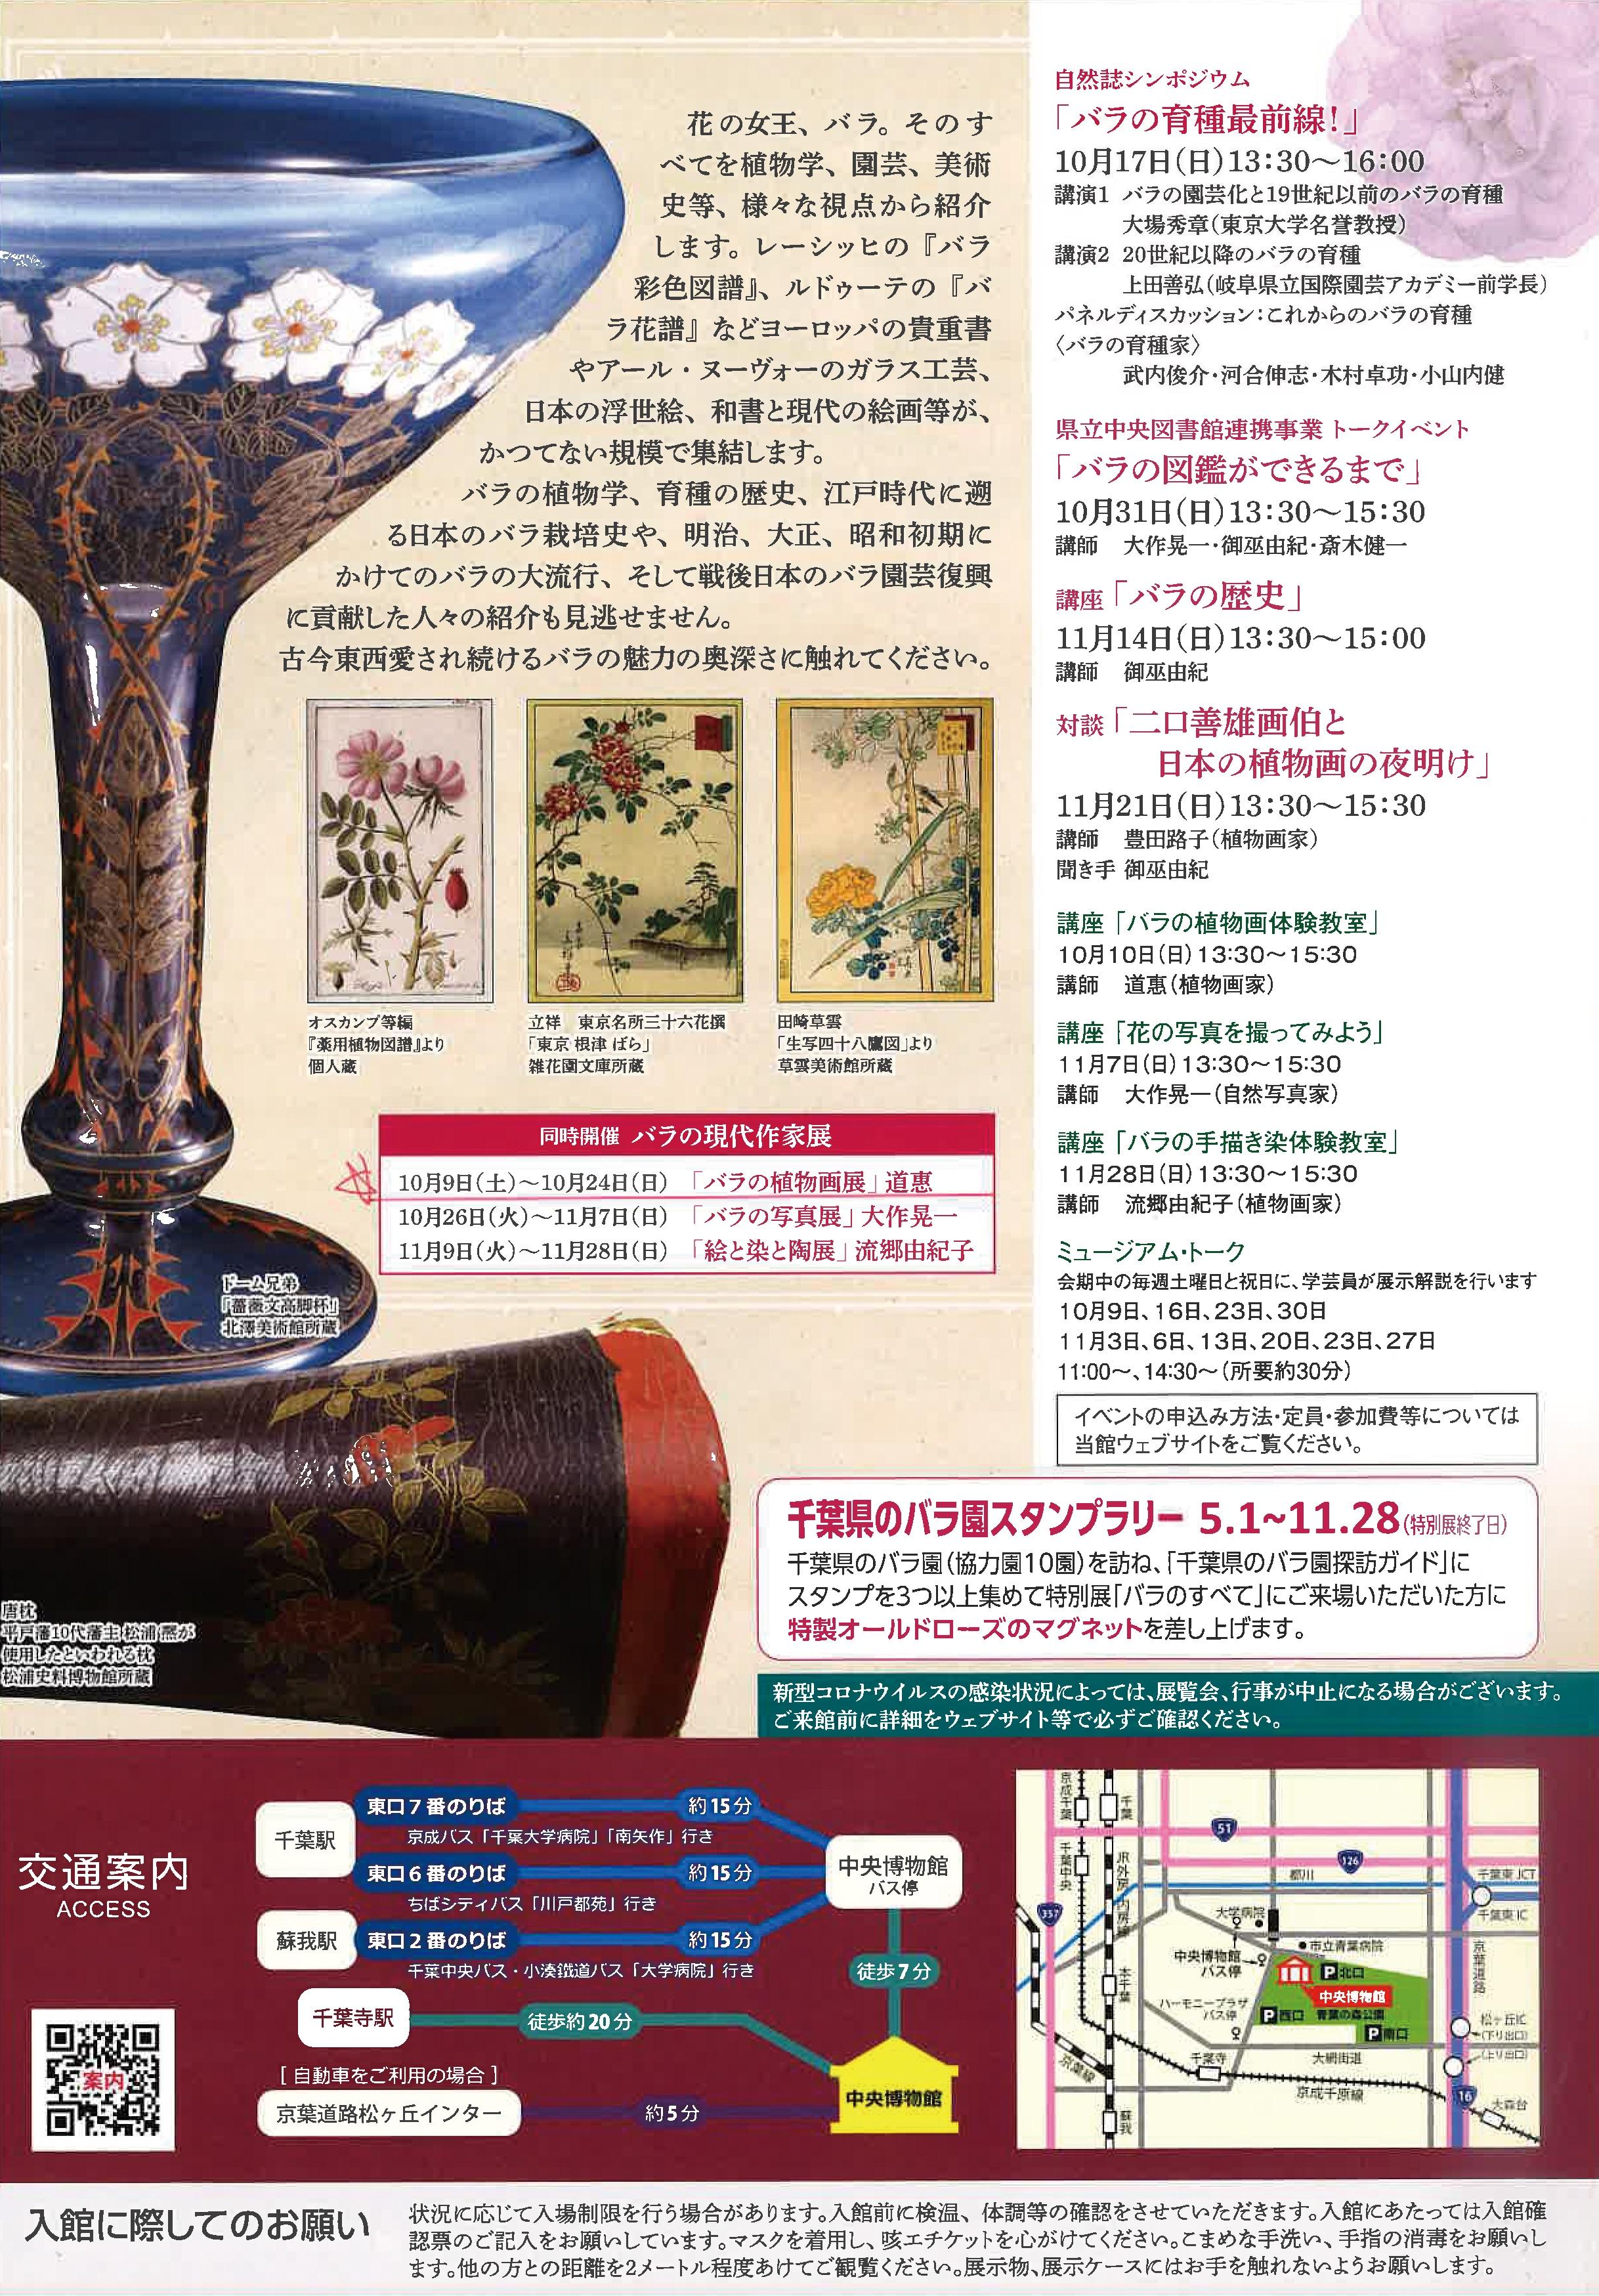 千葉県立中央博物館 バラのすべて バラの現代作家展 バラの植物画展 道恵